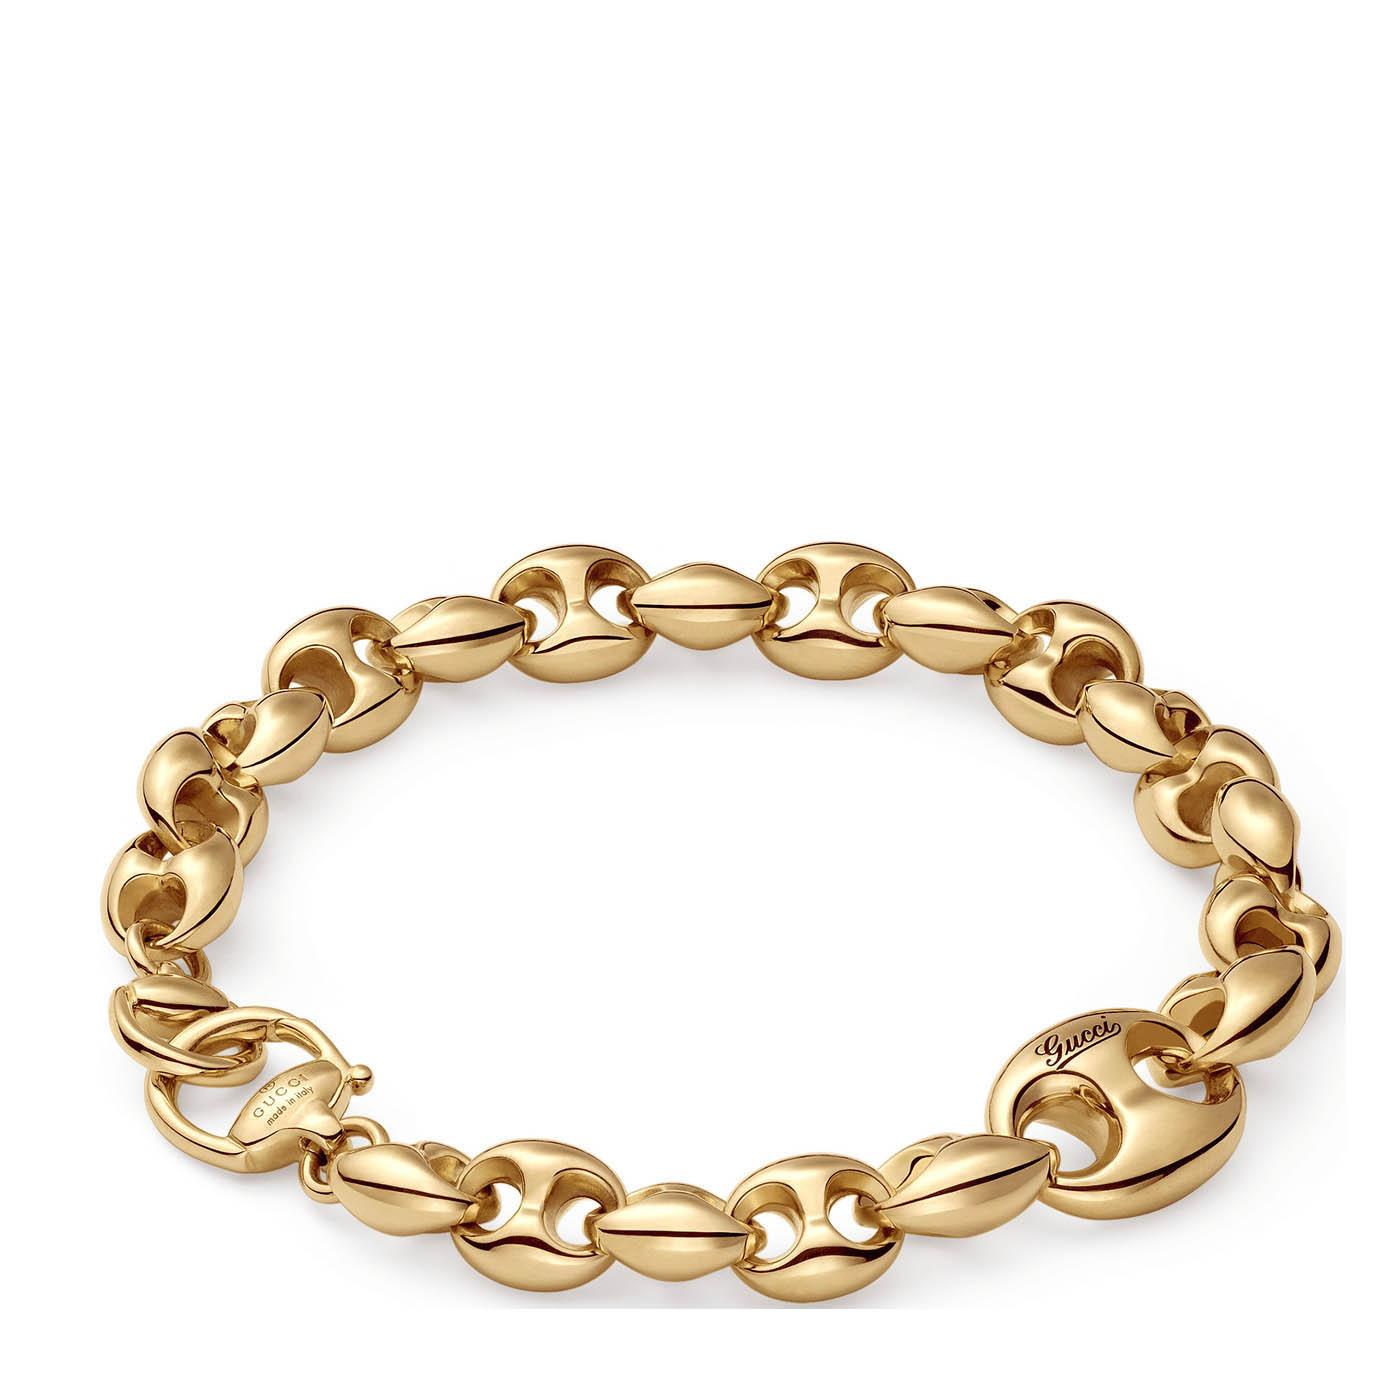 392f57d4aa7a Pulsera Gucci Marina Chain - Gucci - Marina Chain